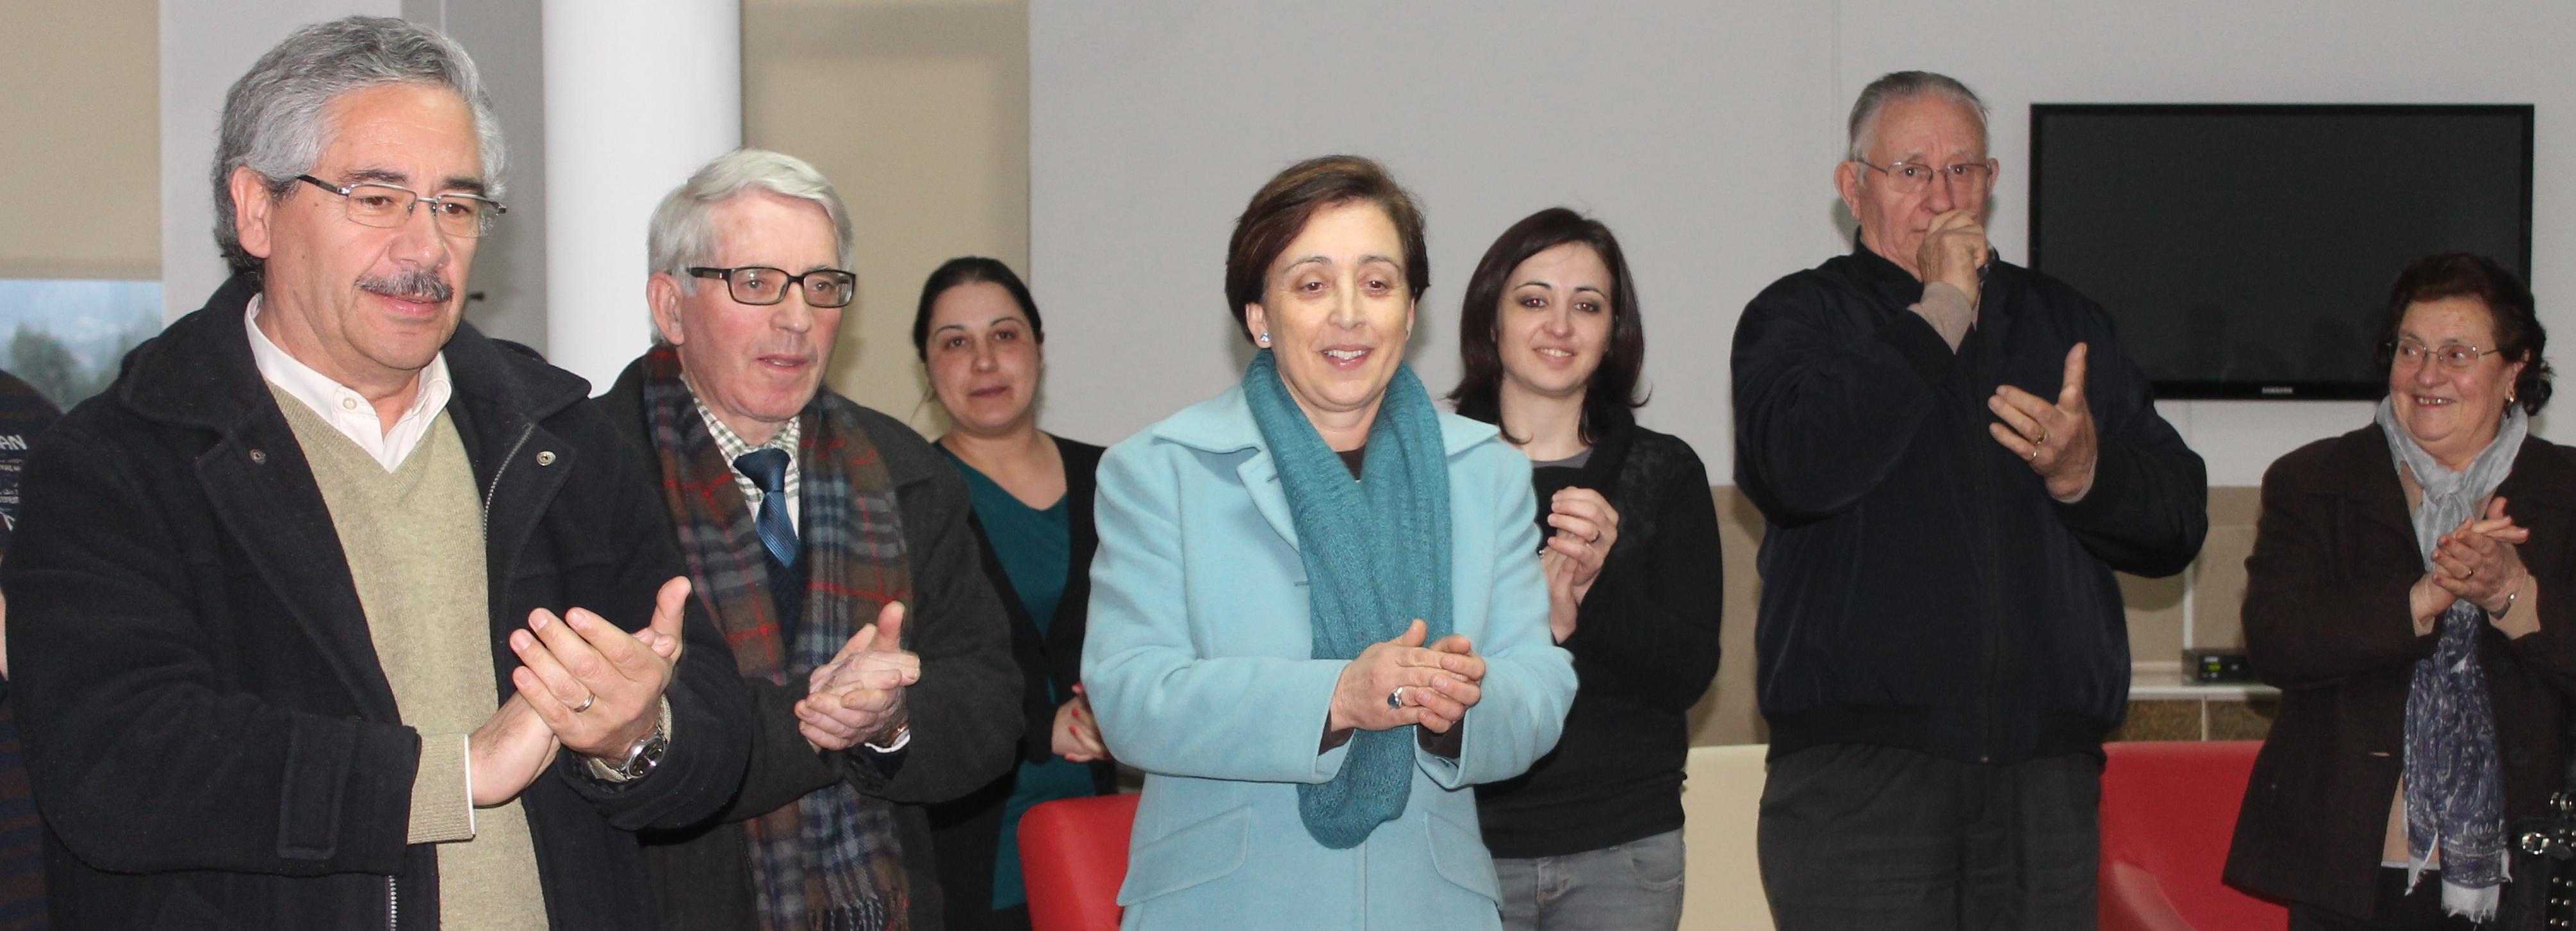 Associação Humanitária de Rio Covo Santa Eugénia inaugura novas instalações